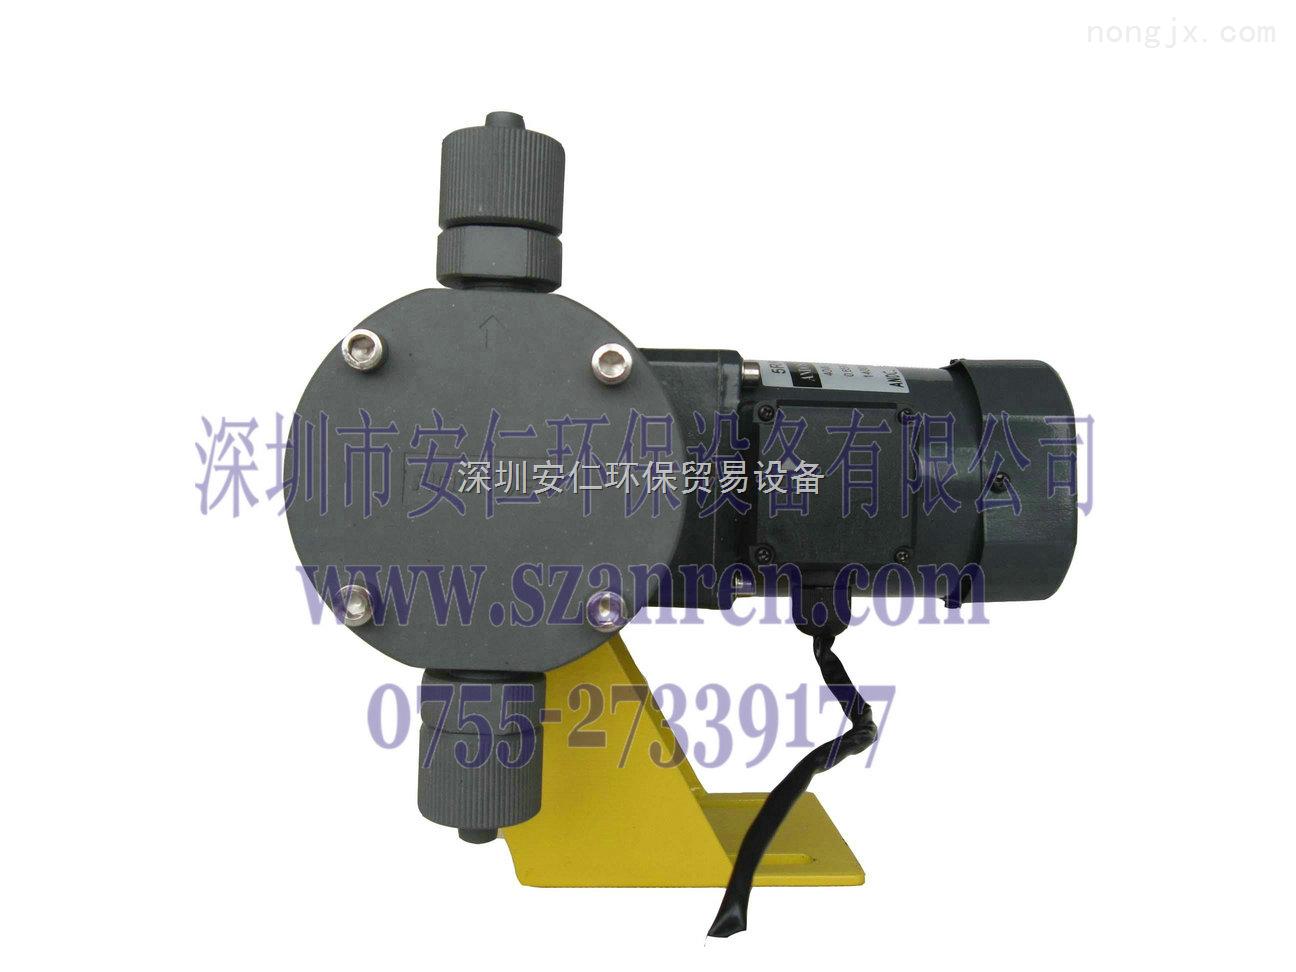 深圳总代理SEKO柱塞自动投药泵 PS1DO64C 库存商